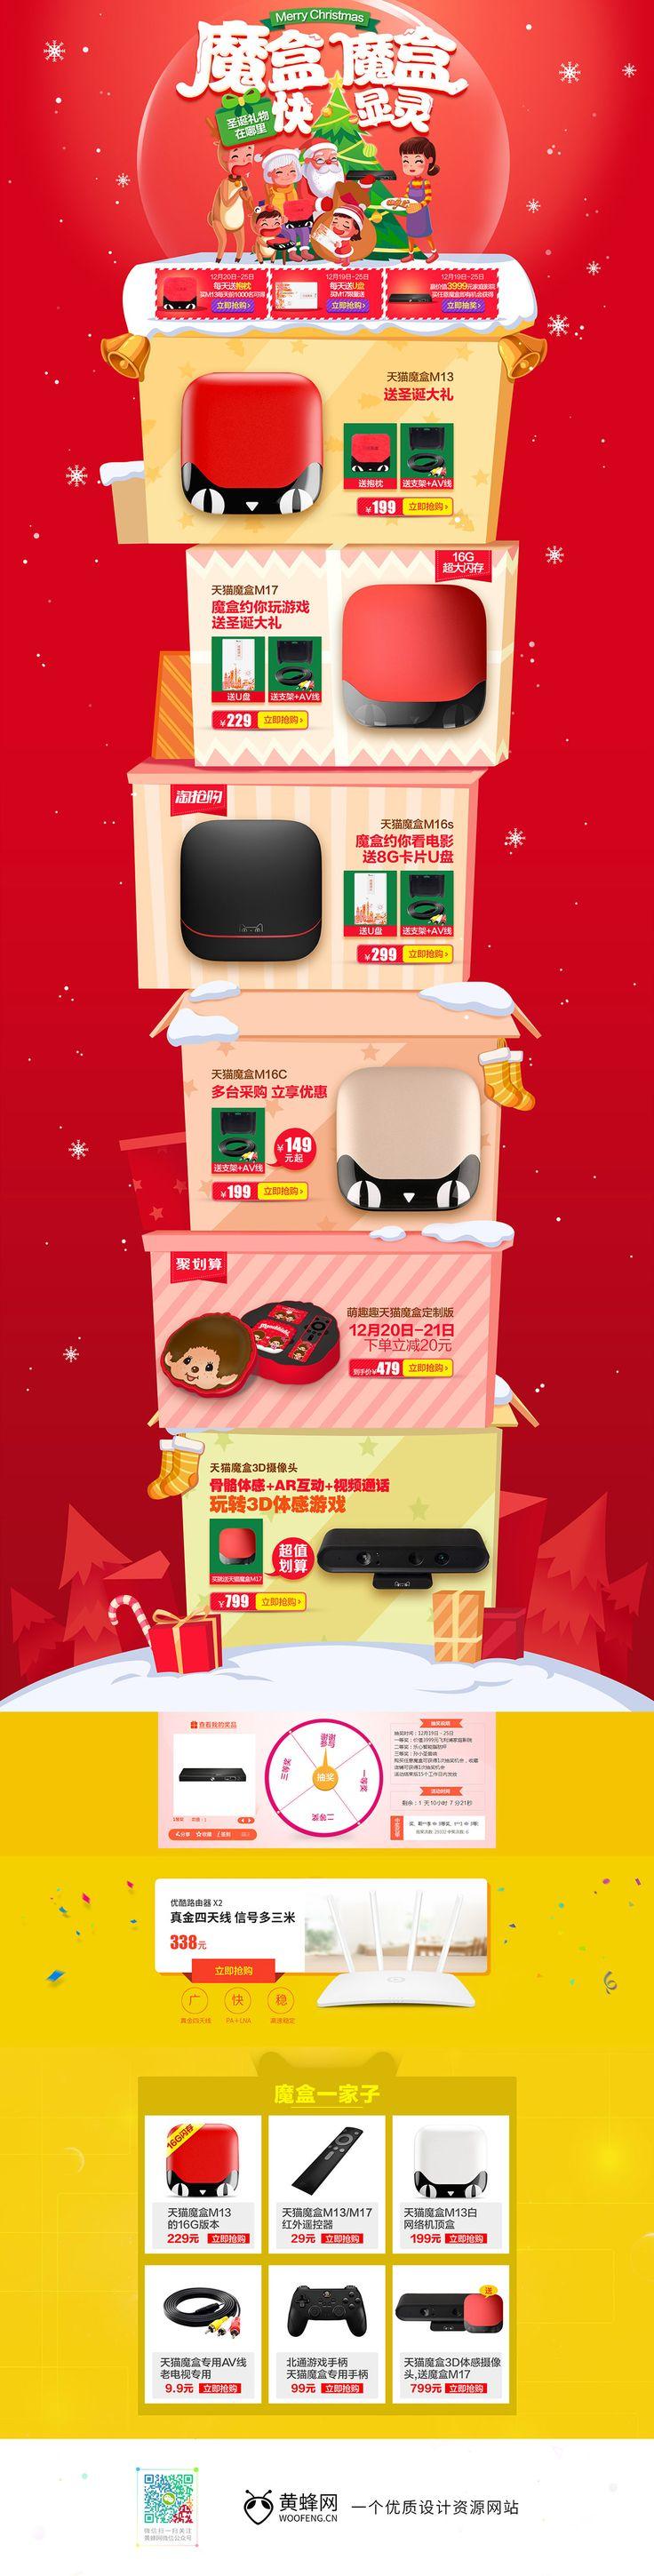 天猫魔盒家电3C数码家用电器圣诞节天猫首页活动专题页面设计 来源自黄蜂网http://woofeng.cn/